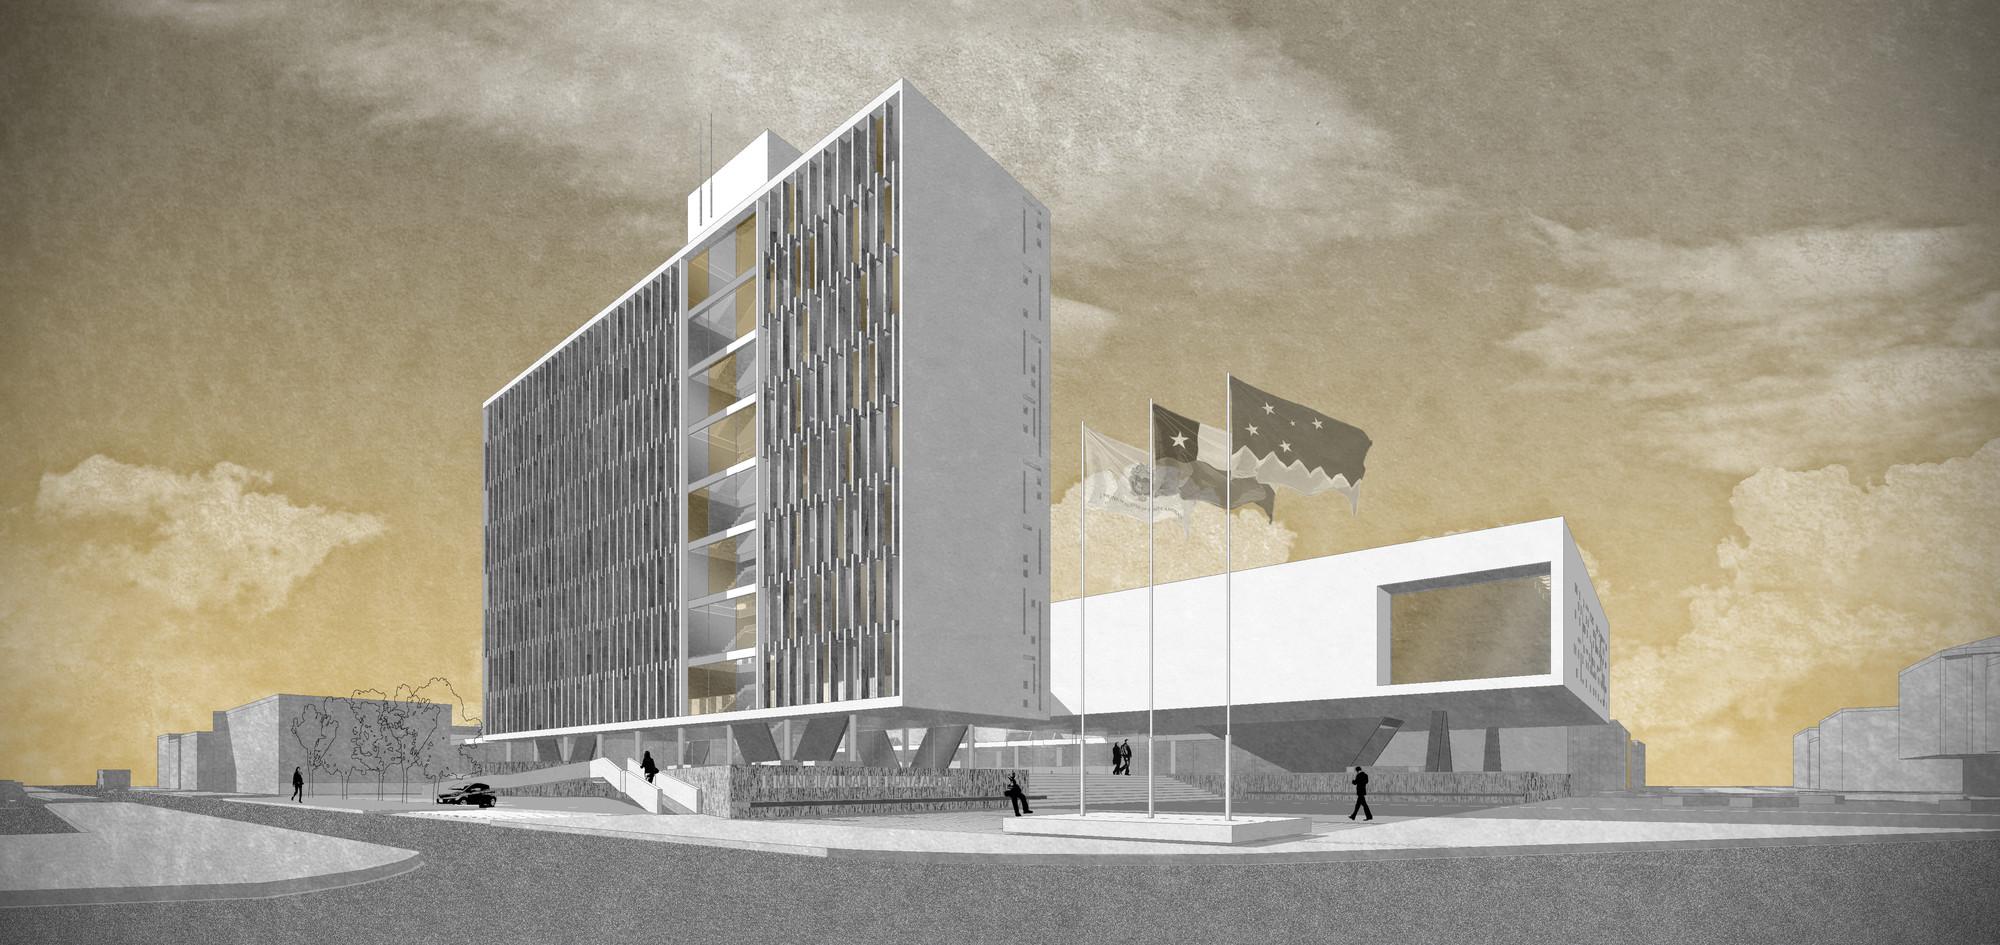 2º y 3º Lugar: Concurso para diseño del nuevo Edificio Consistorial de Punta Arenas, Courtesy of Equipo Segundo Lugar